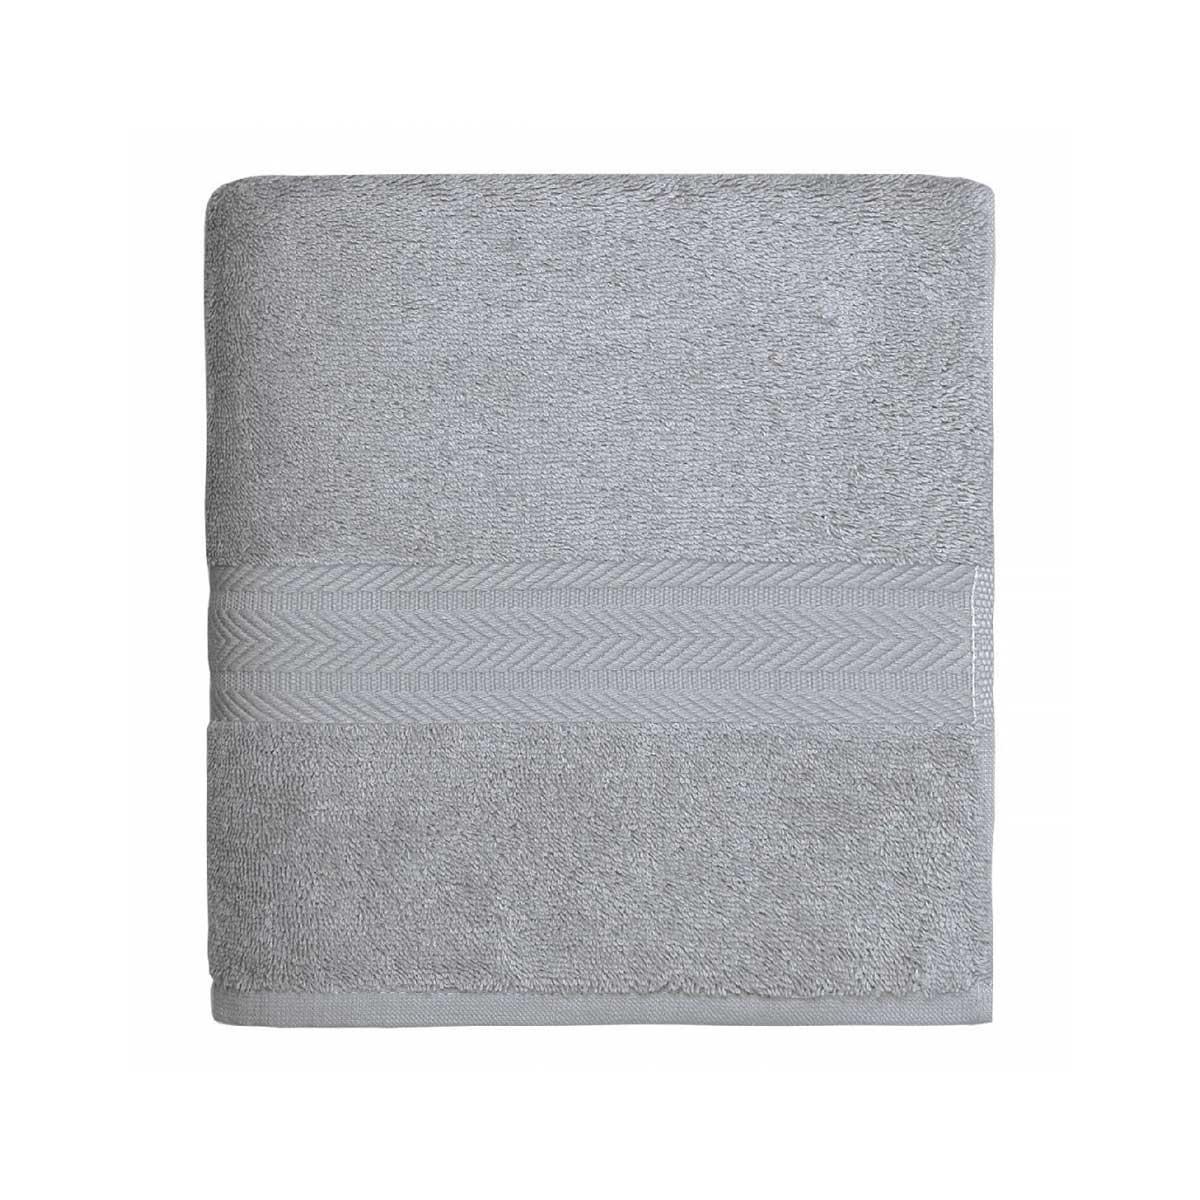 Serviette de toilette en coton de 550gr/m² gris perle - Gris Perle - 50 x 100 cm